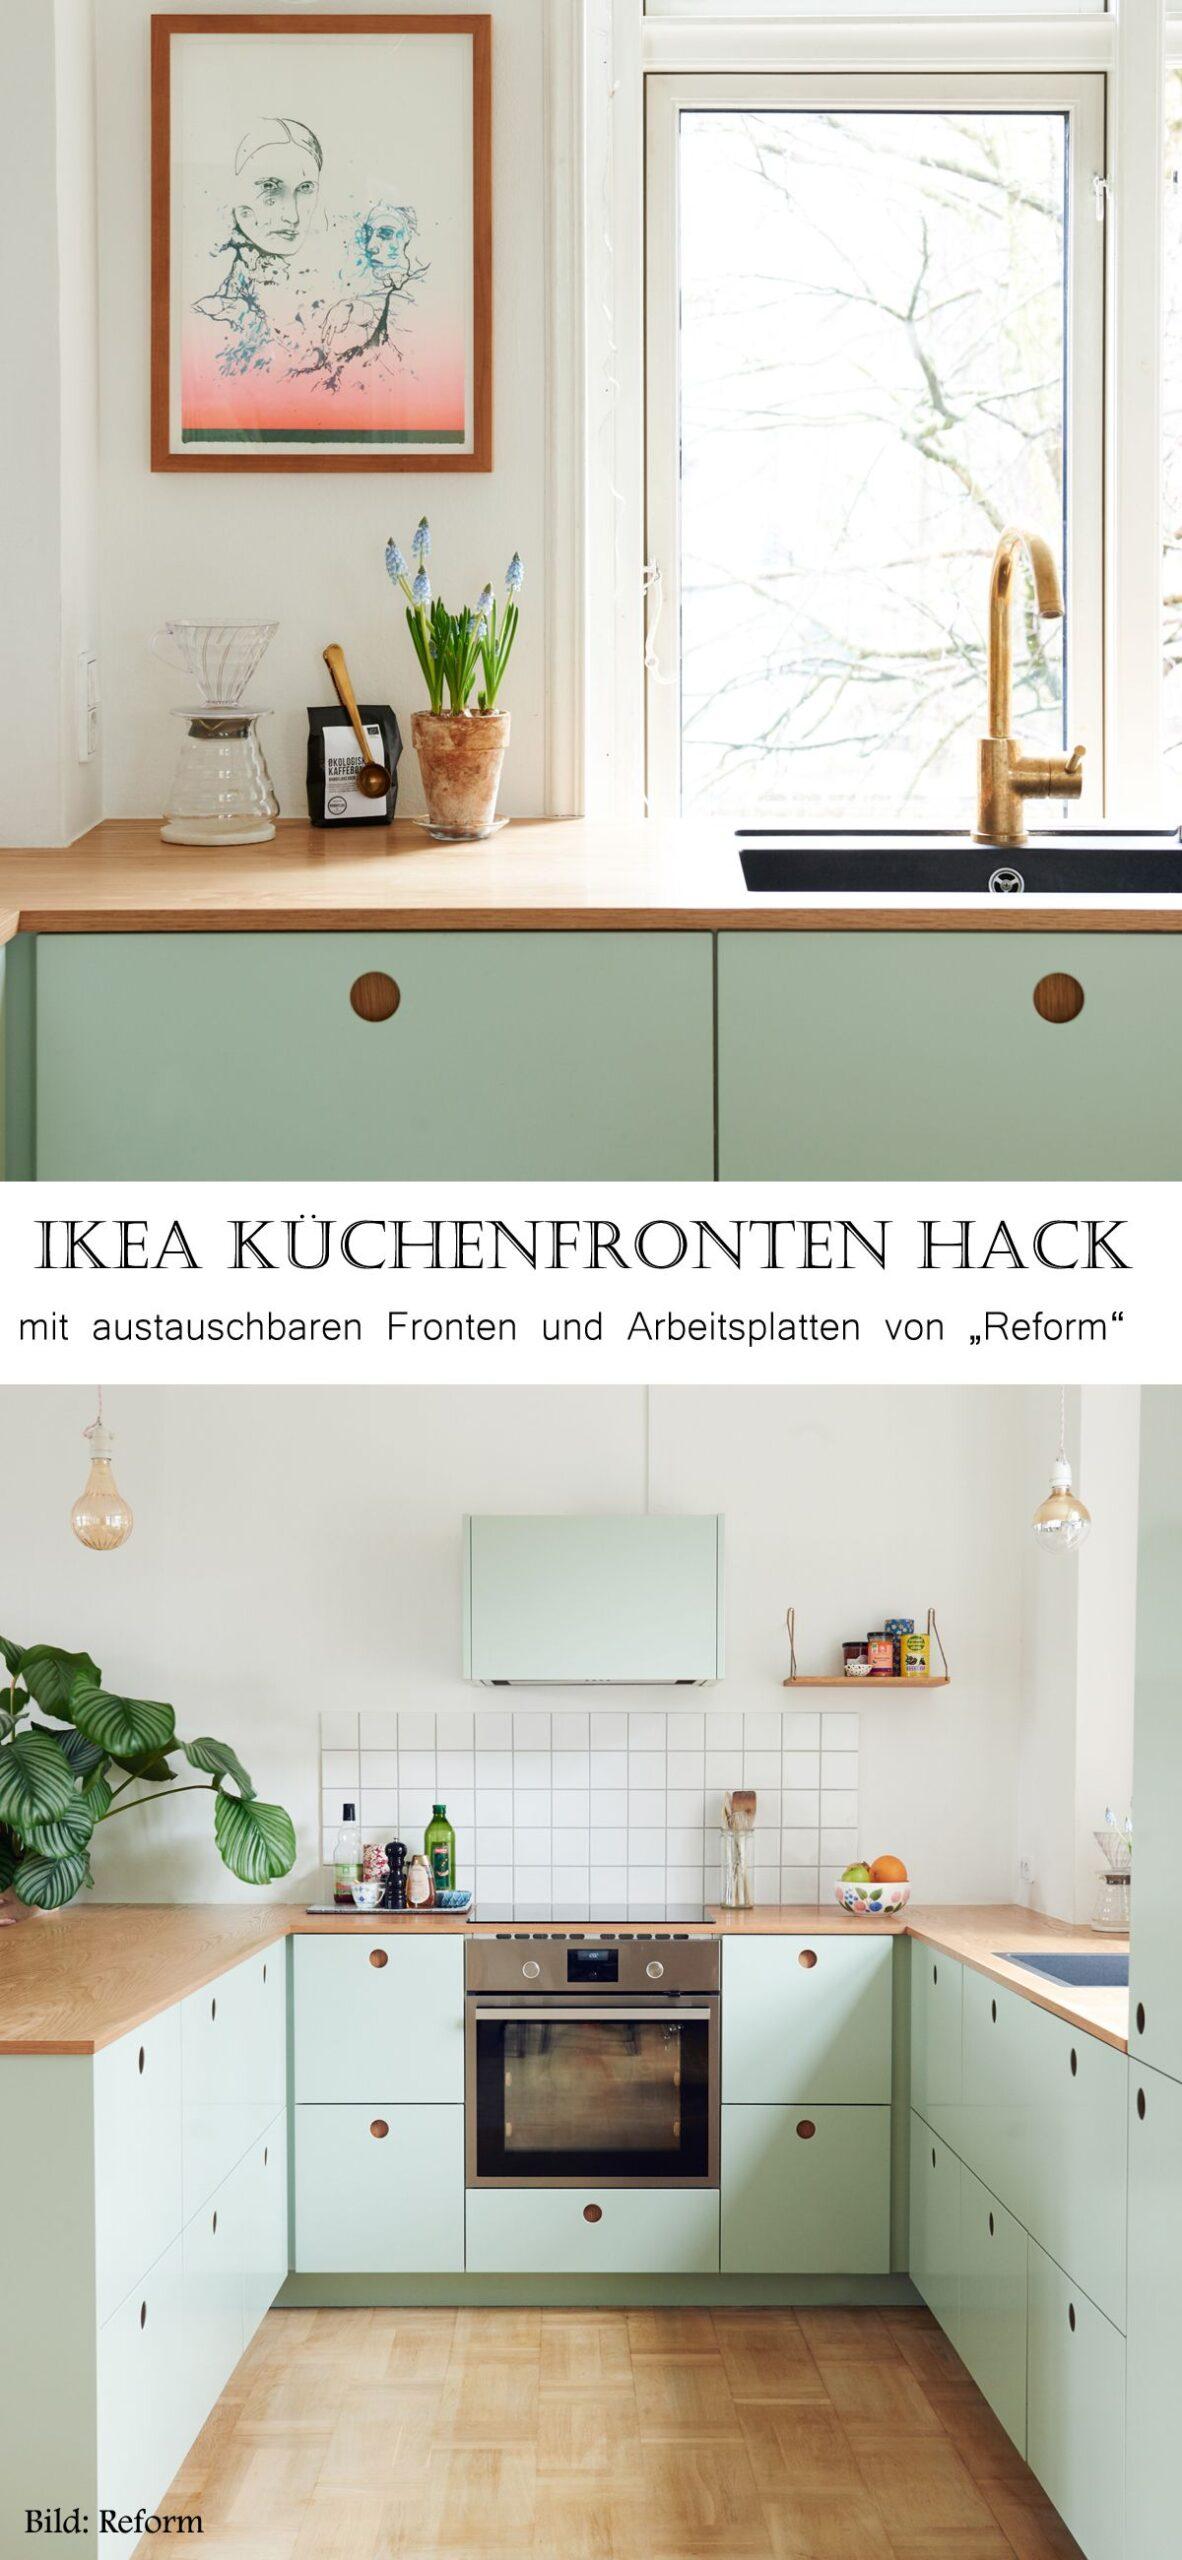 Full Size of Ikea Kchenfronten Pimpen Mit Bildern Kchen Fronten Betten 160x200 L Küche E Geräten Eiche Anthrazit Holzofen Wandpaneel Glas Form Rosa Bartisch Wohnzimmer Küche Selber Bauen Ikea